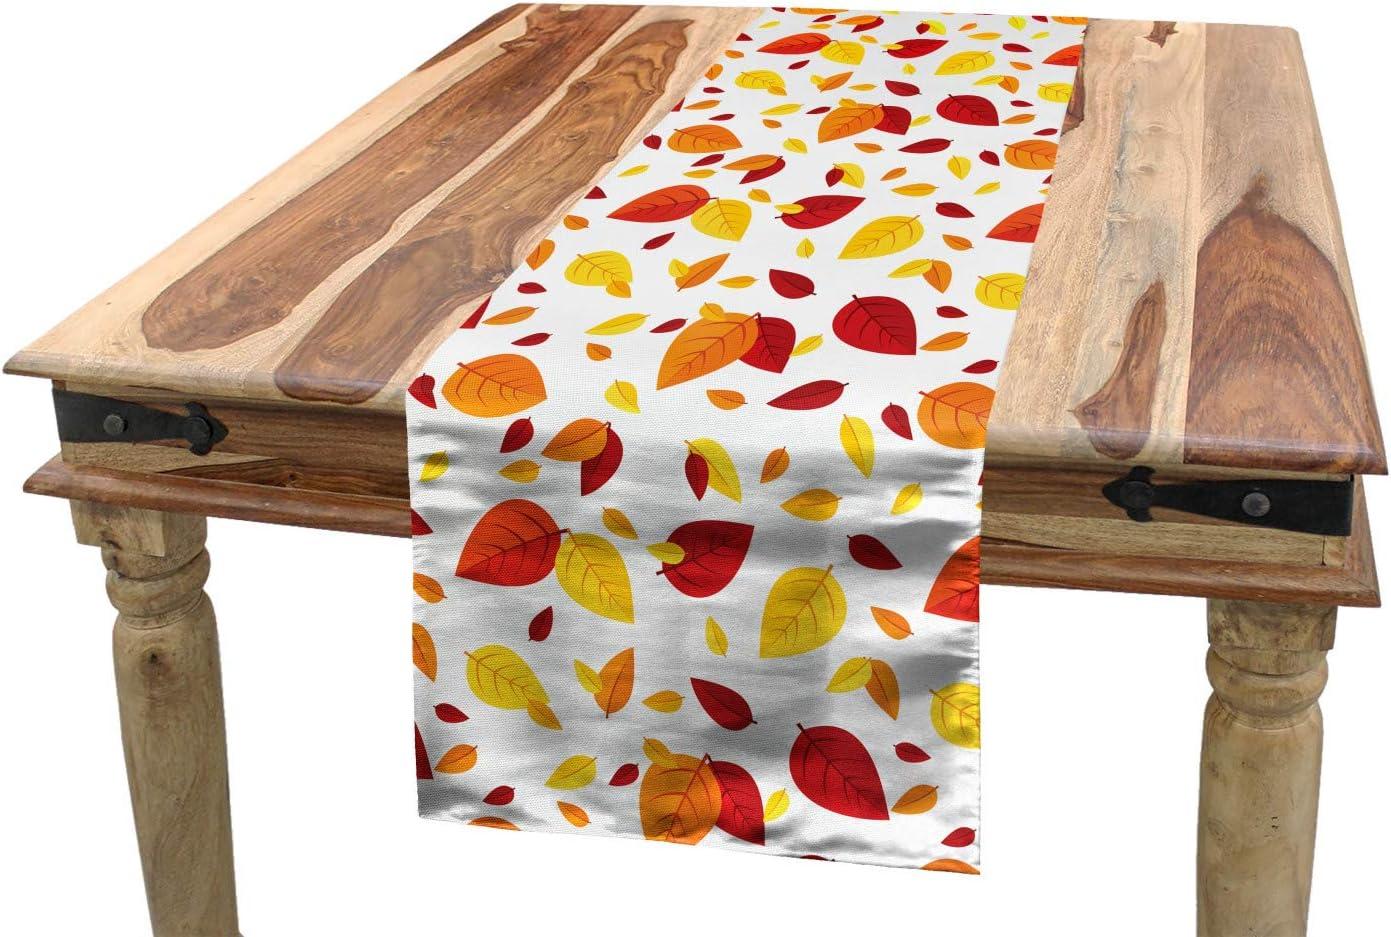 40 x 180 cm Esszimmer K/üche Rechteckiger Dekorativer Tischl/äufer Herbst Ahornbl/ätter ABAKUHAUS Orange Tischl/äufer Dunkelorange